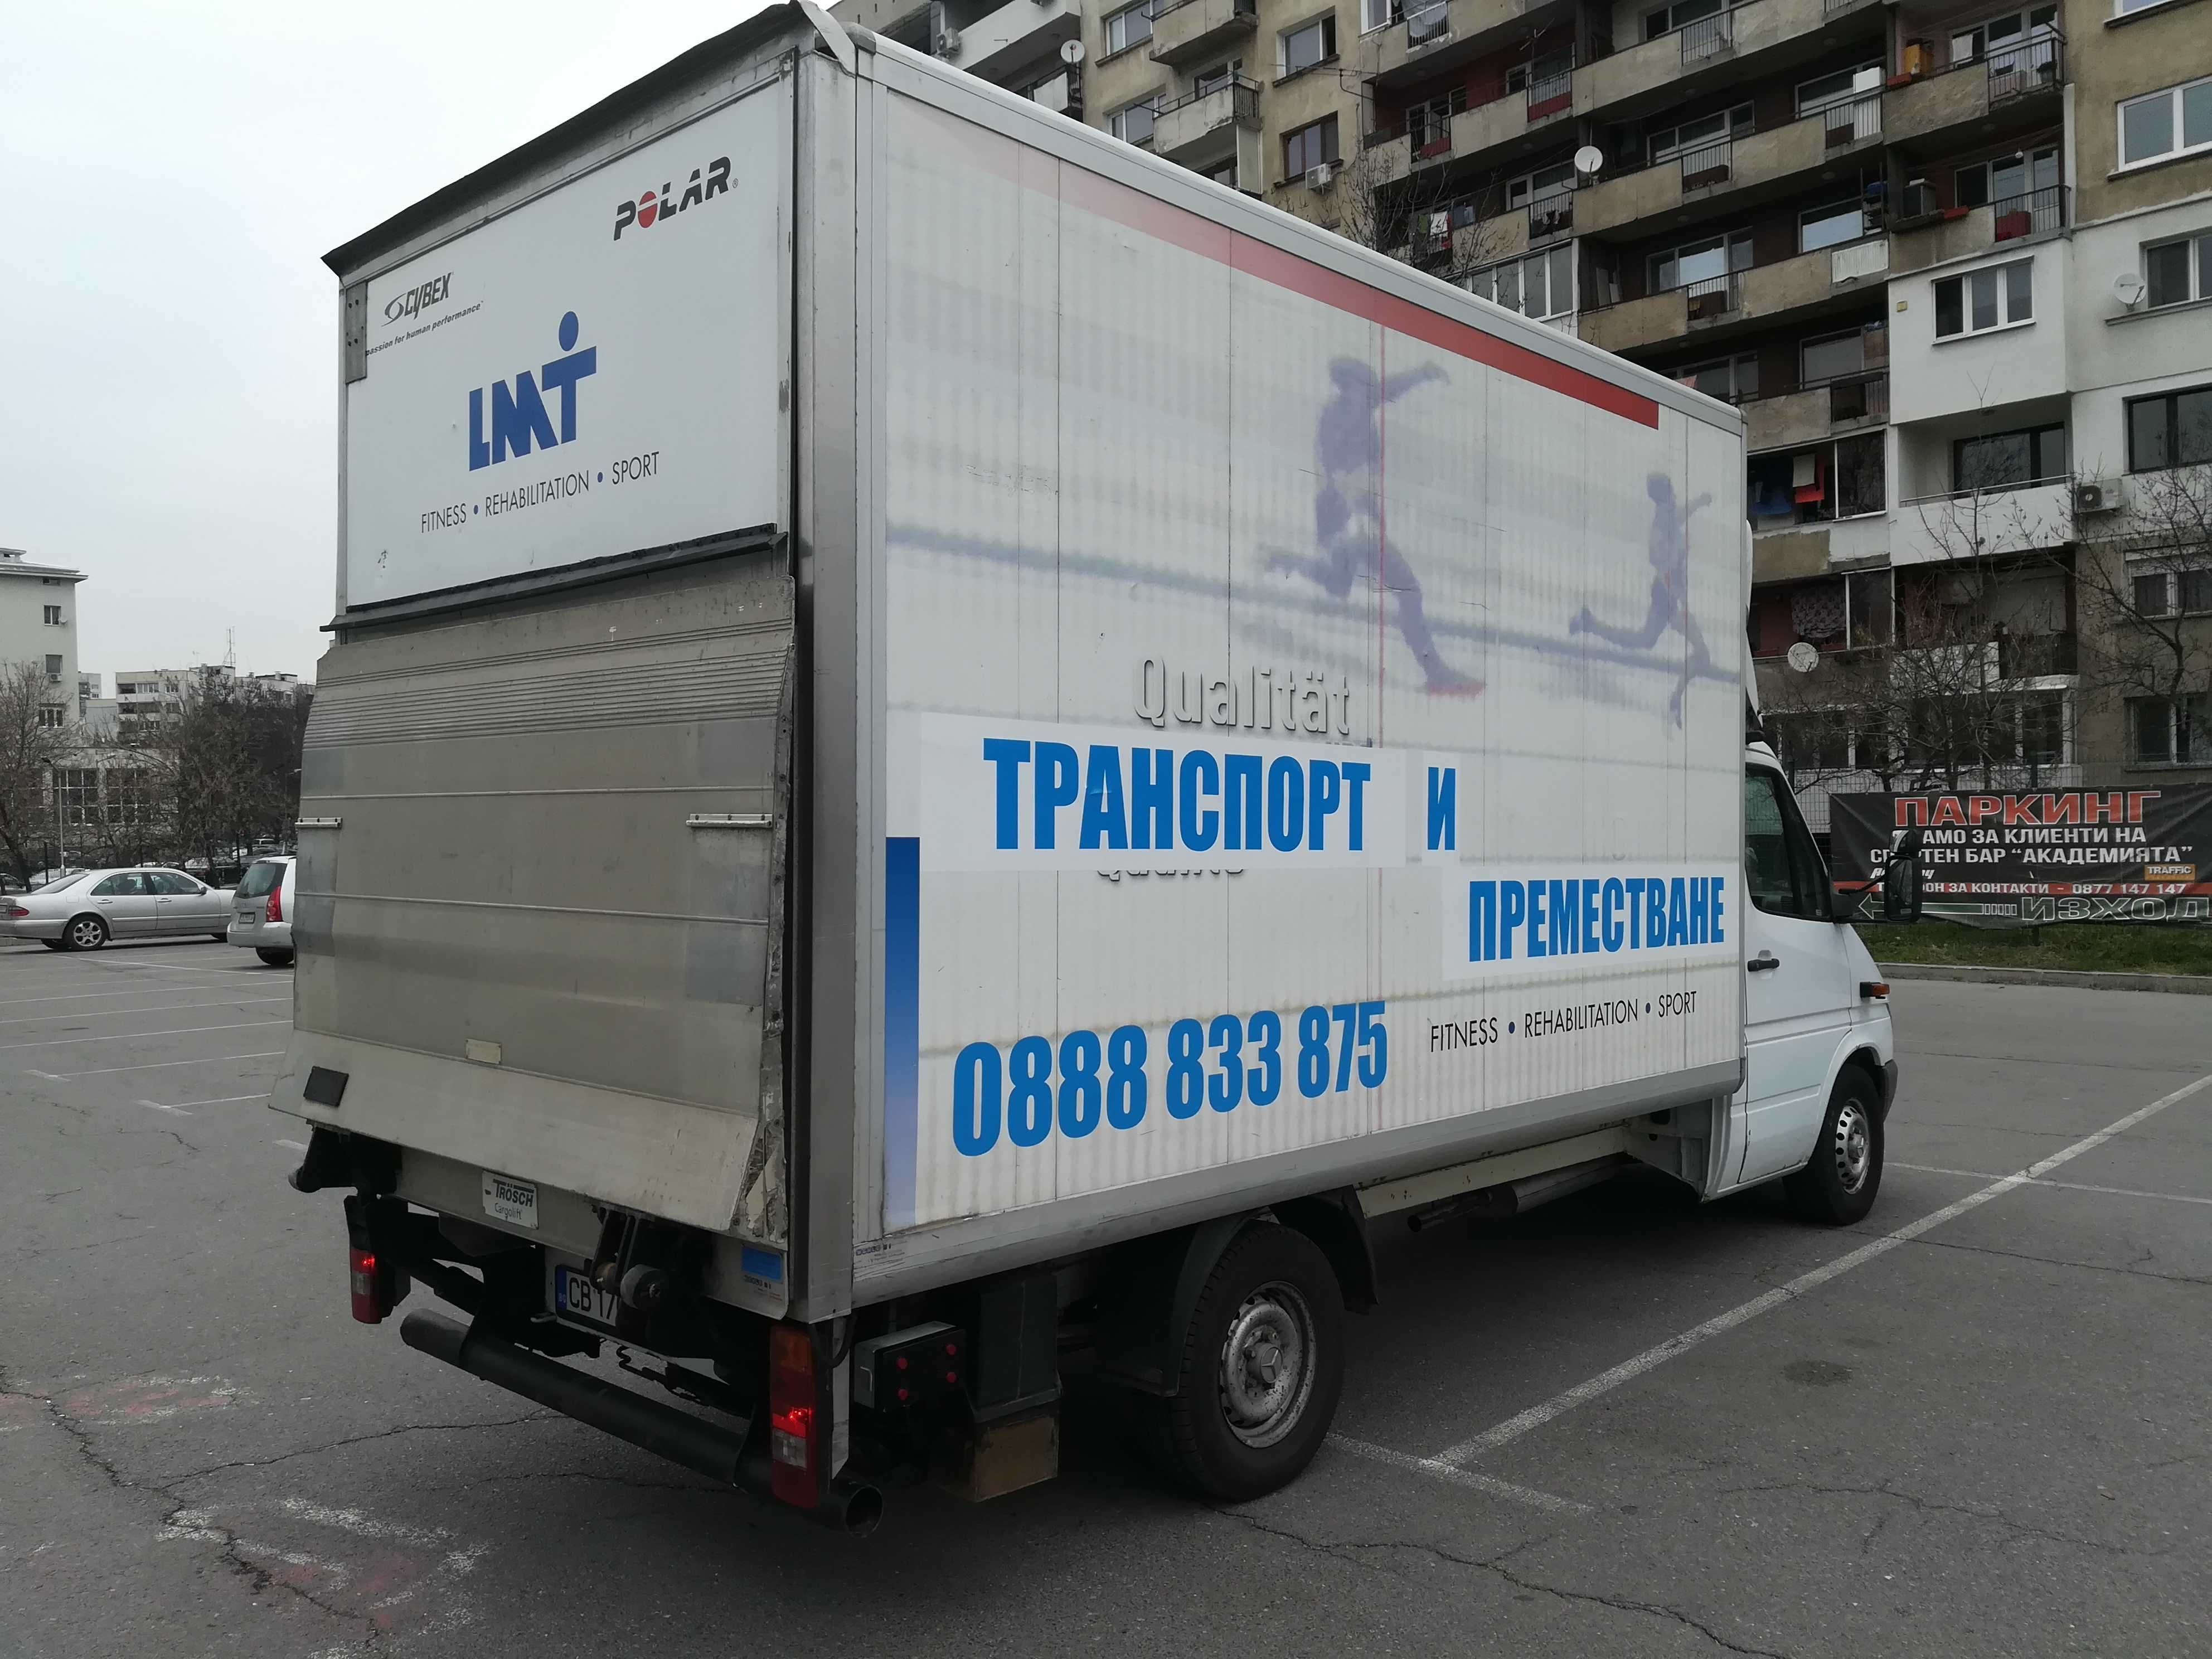 Транспортни услуги,превози,хамалски услуги,камион с падащ борд